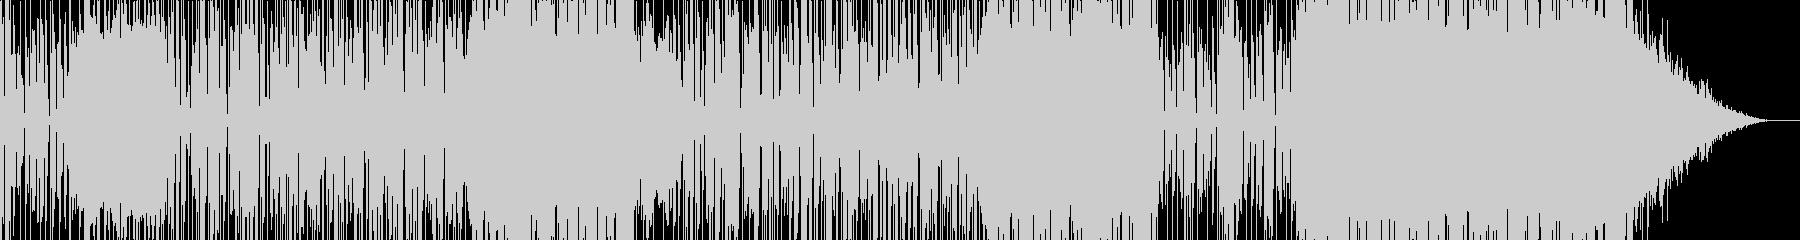 ビッググルービングヒップホップとポ...の未再生の波形